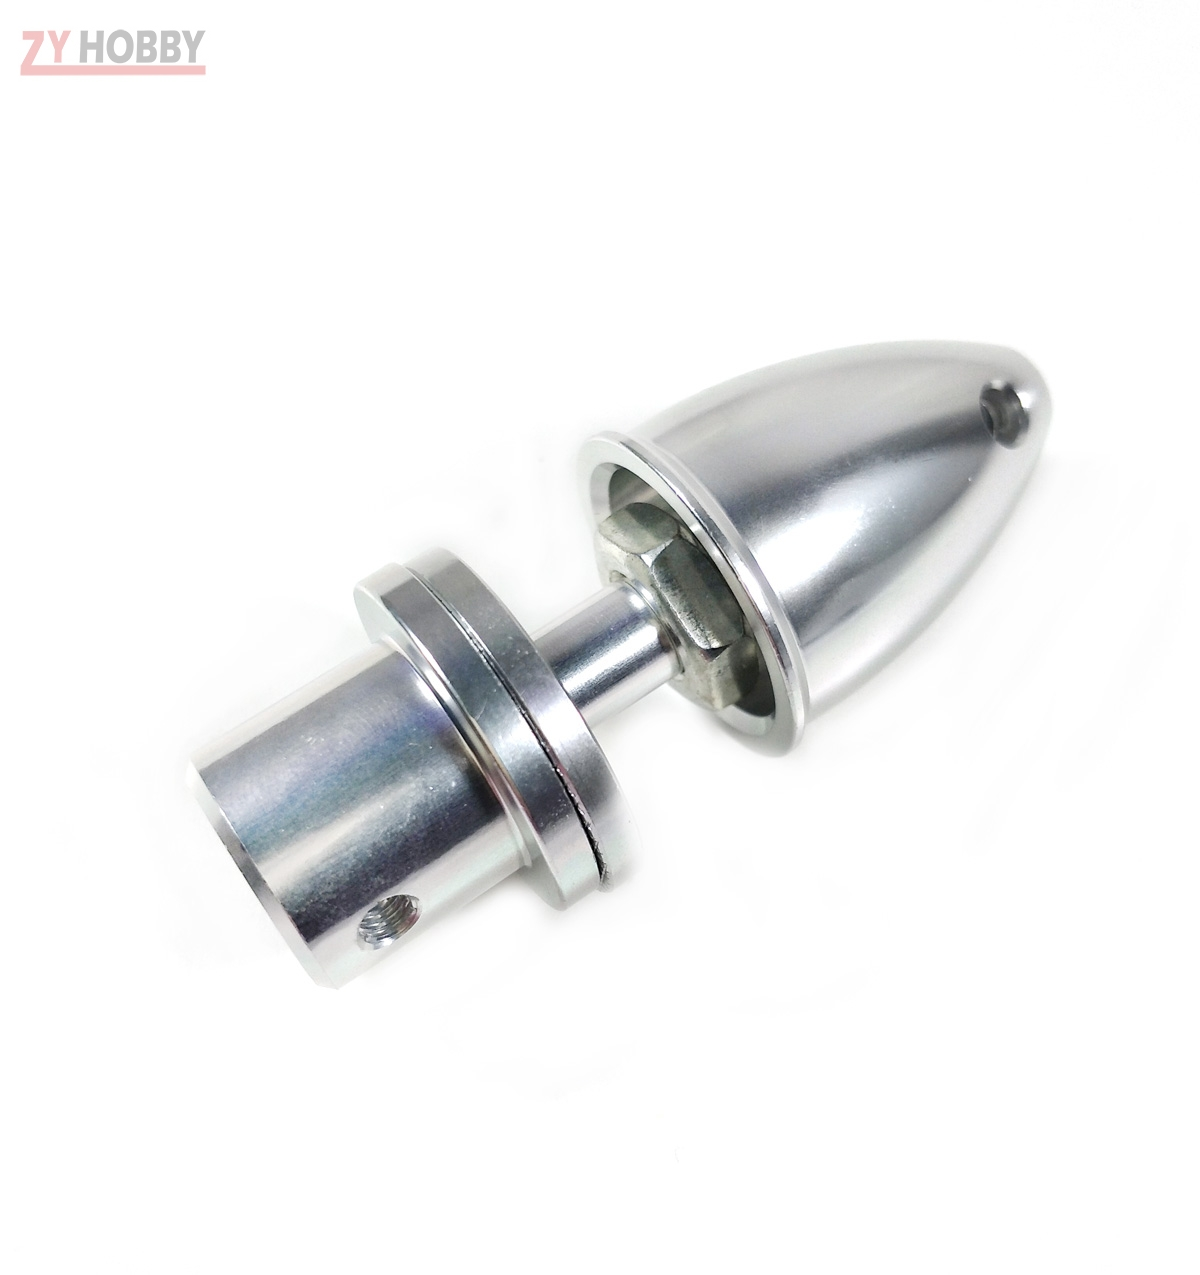 2mm 3mm 3 17mm 4mm 5mm 6mm 8mm Rc Aluminum Bullet